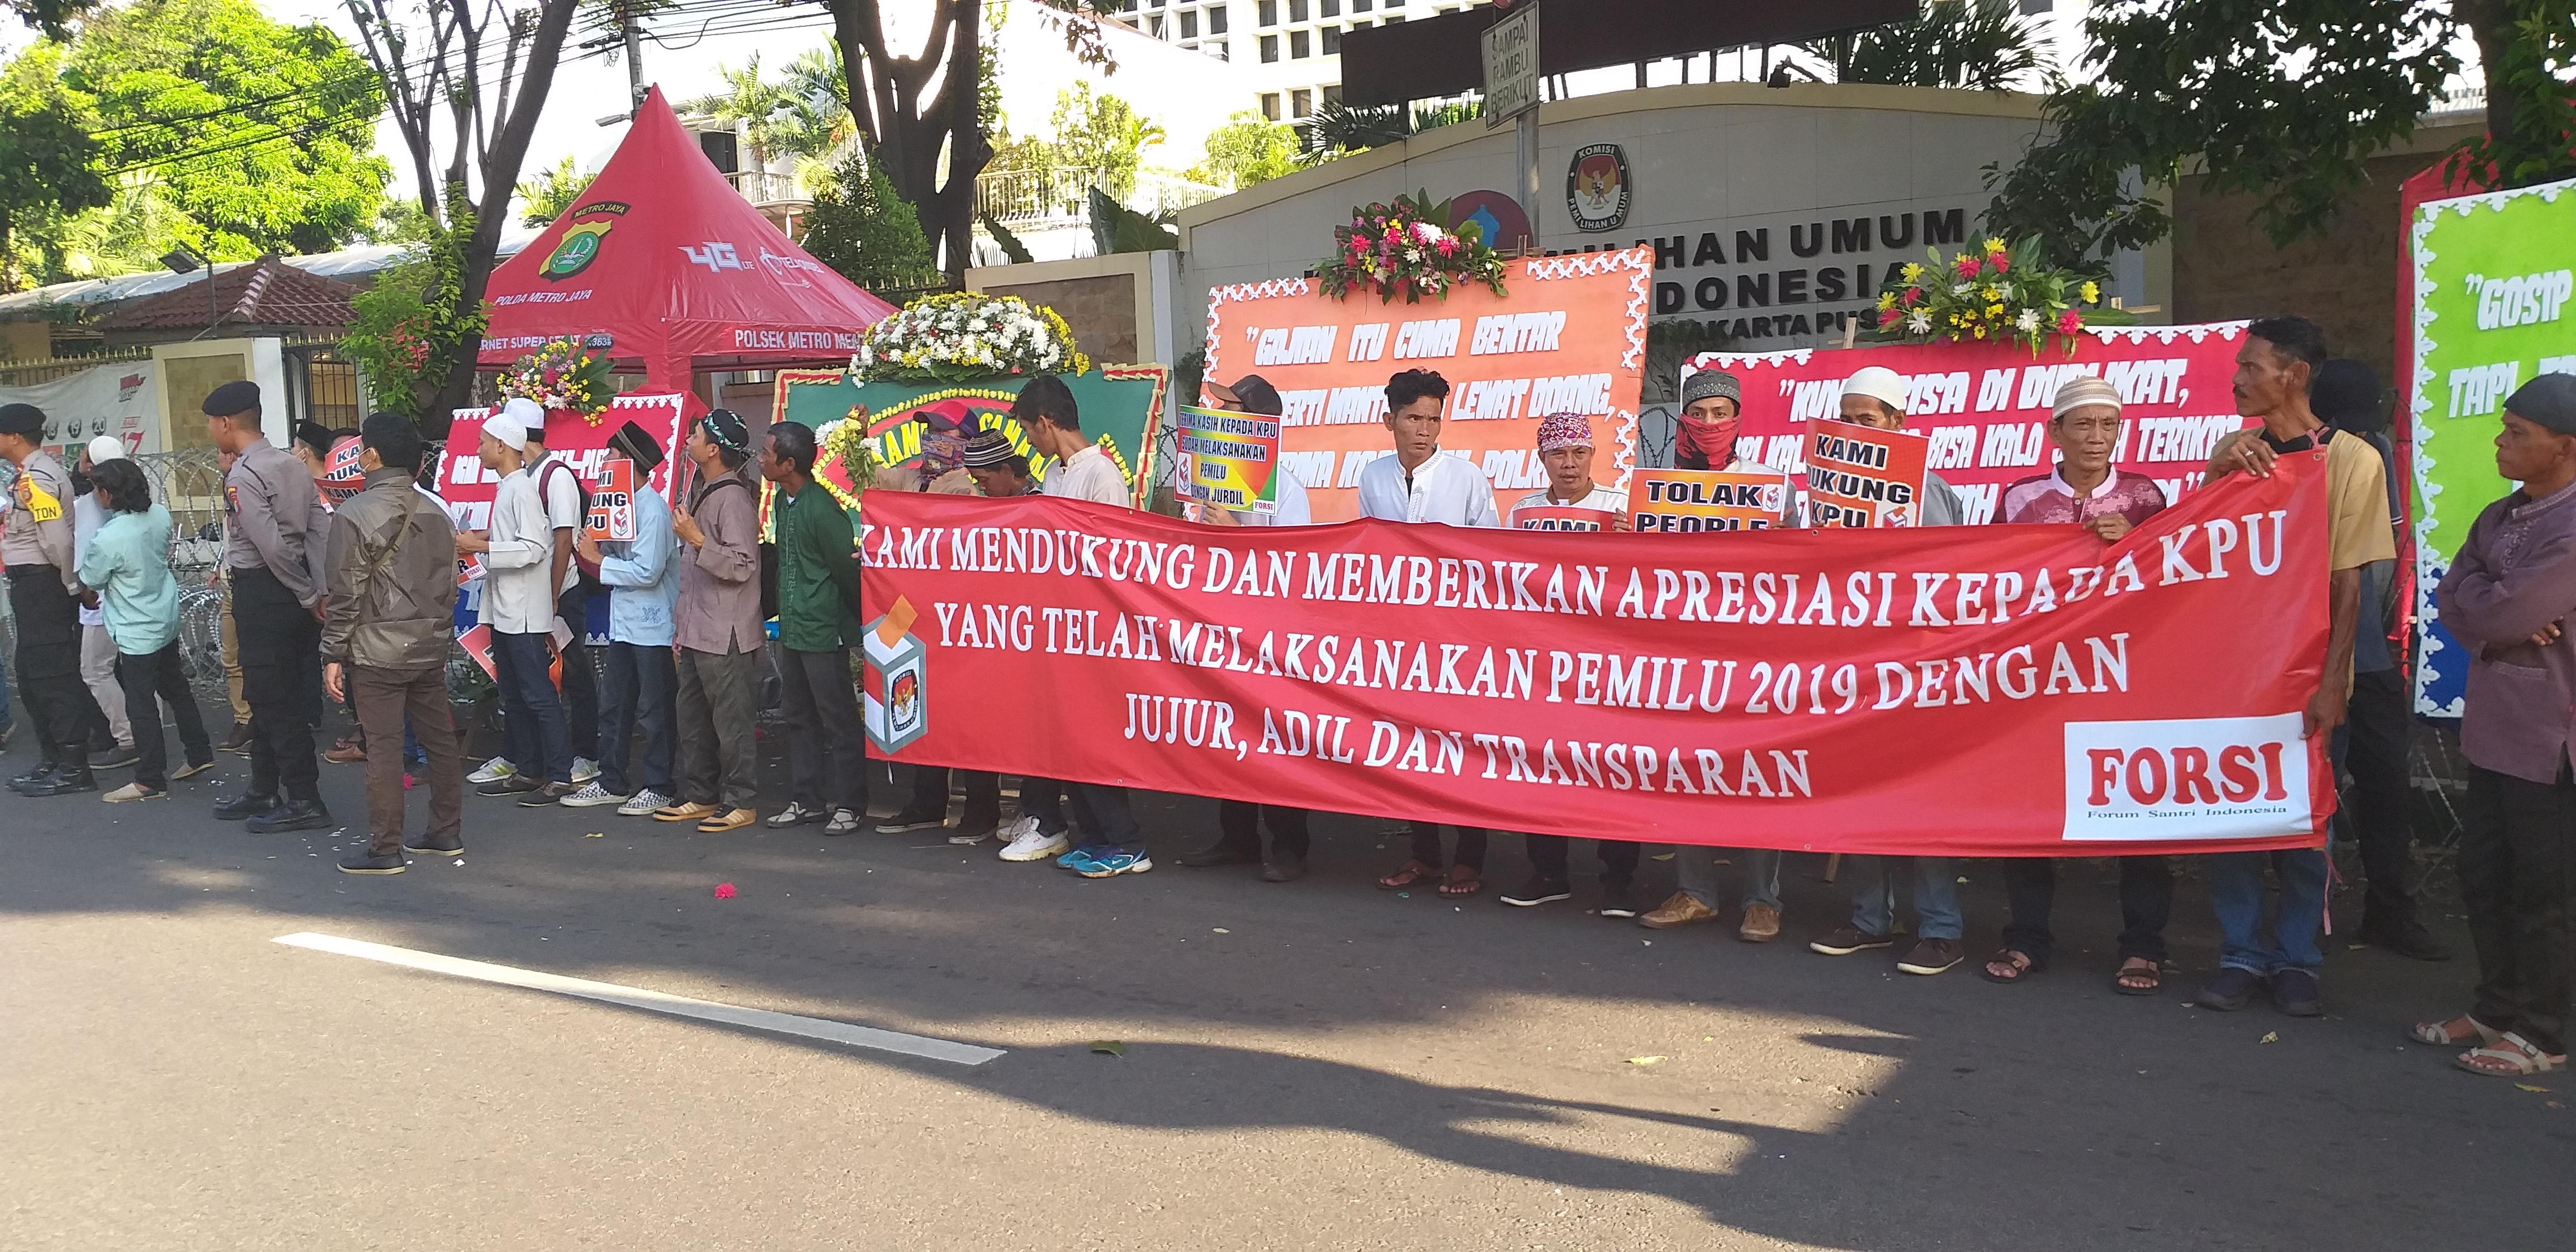 Forsi Gelar Aksi Simpatik Dukung KPU   Topikini.com